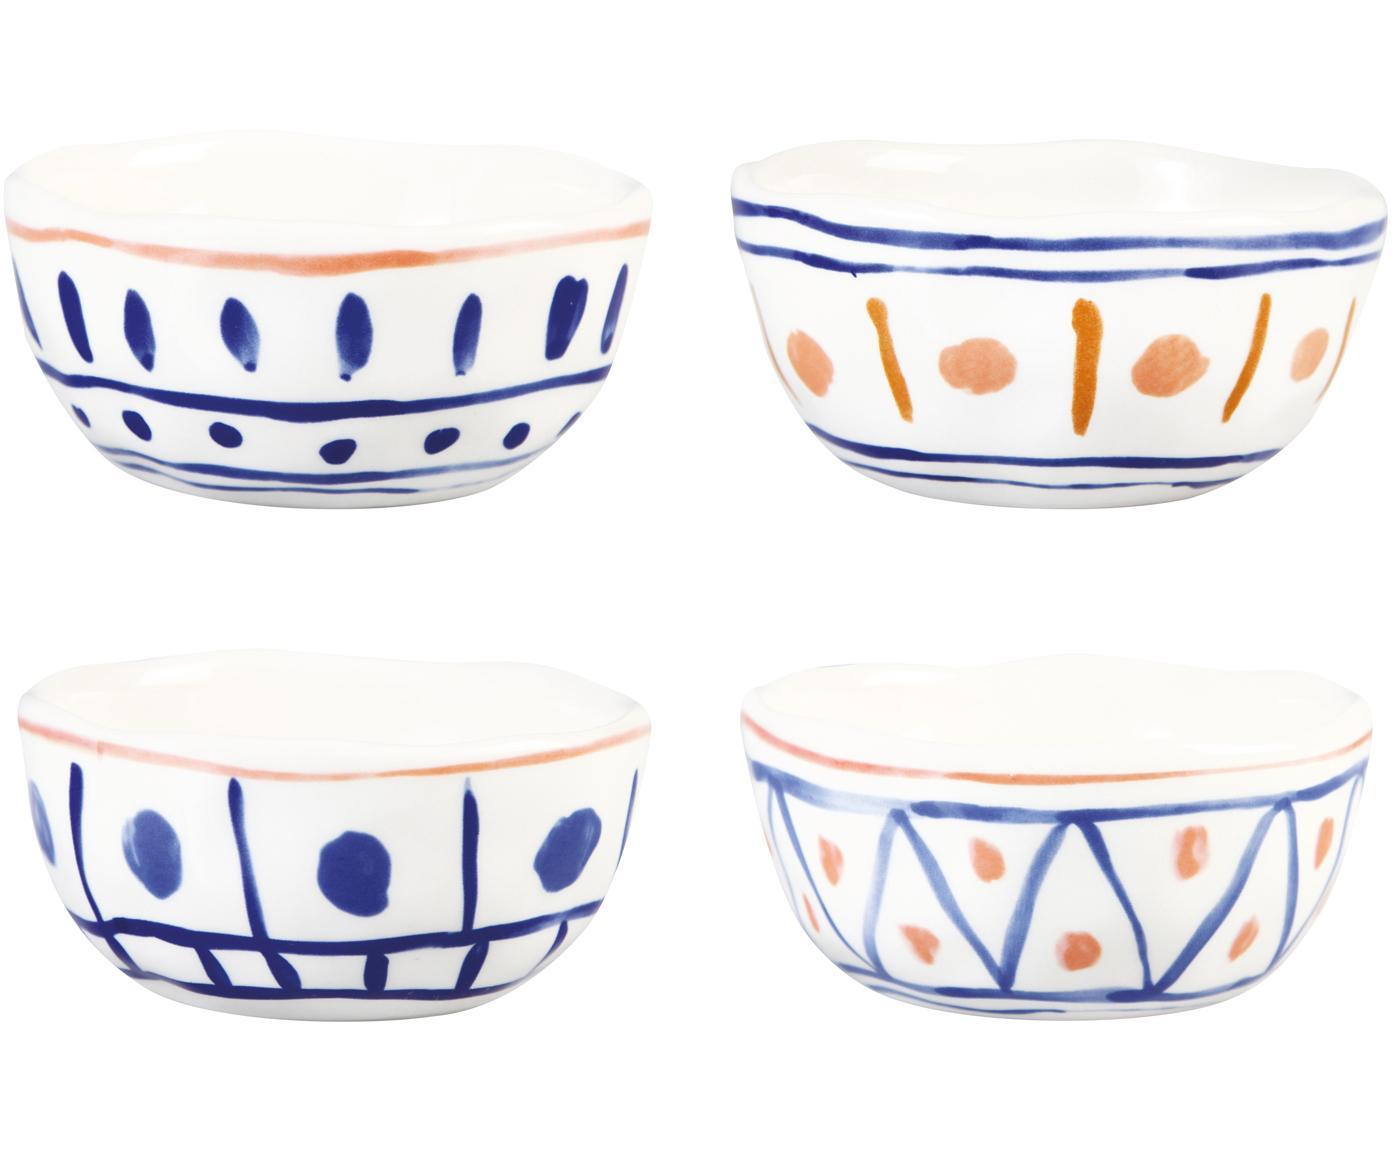 Set de cuencosde diseño Rafika, 4uds., Gres, Blanco, azul, naranja, amarillo, Ø 11 cm